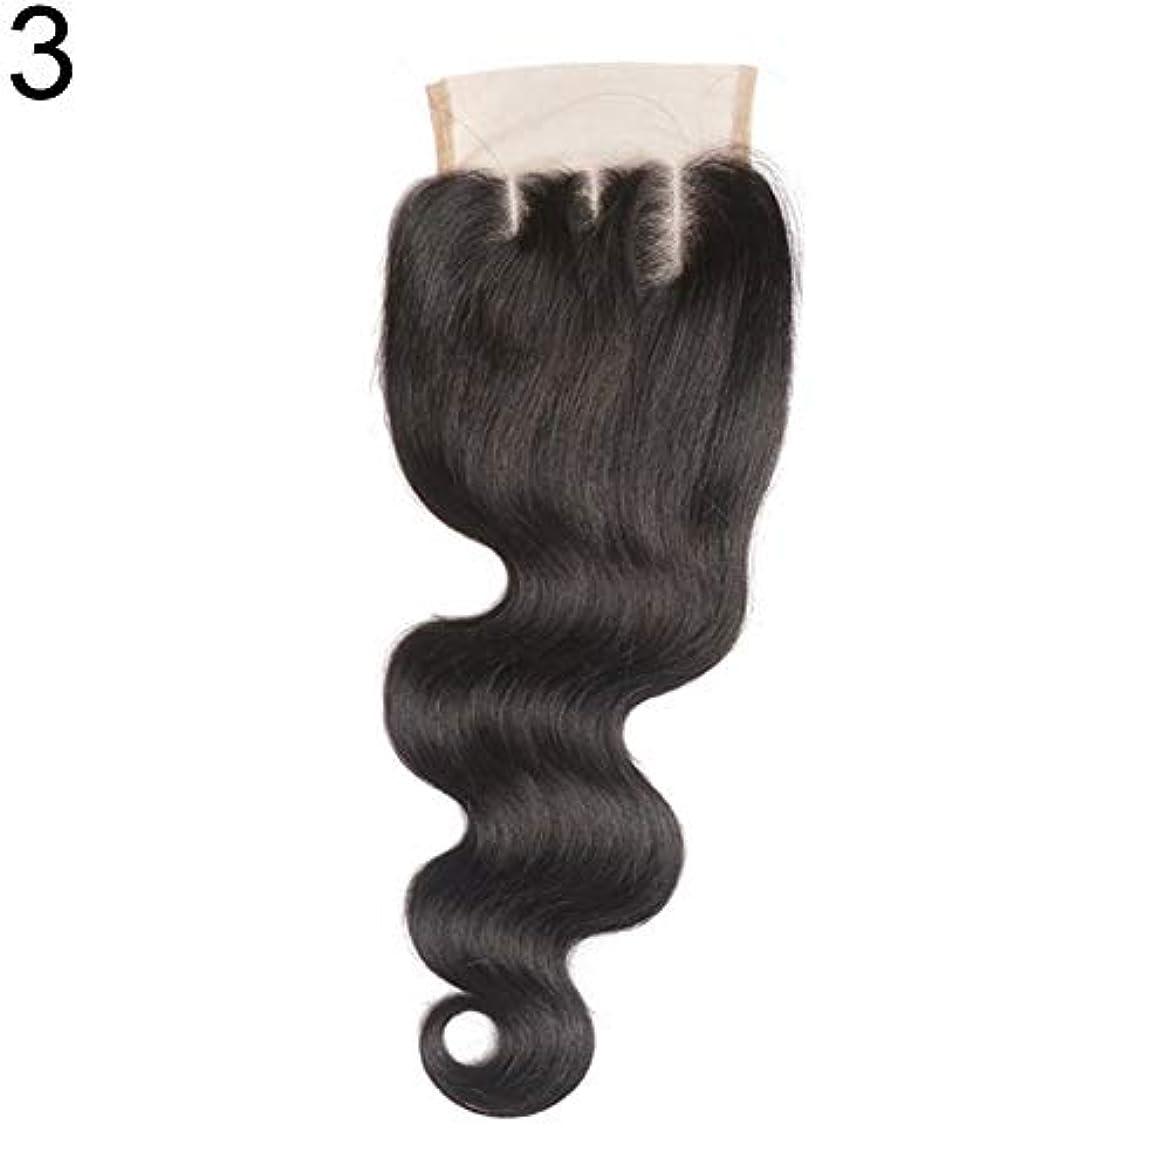 傾いた成功する安定しましたslQinjiansav女性ウィッグ修理ツールブラジルのミドル/フリー/3部人間の髪のレース閉鎖ウィッグ黒ヘアピース